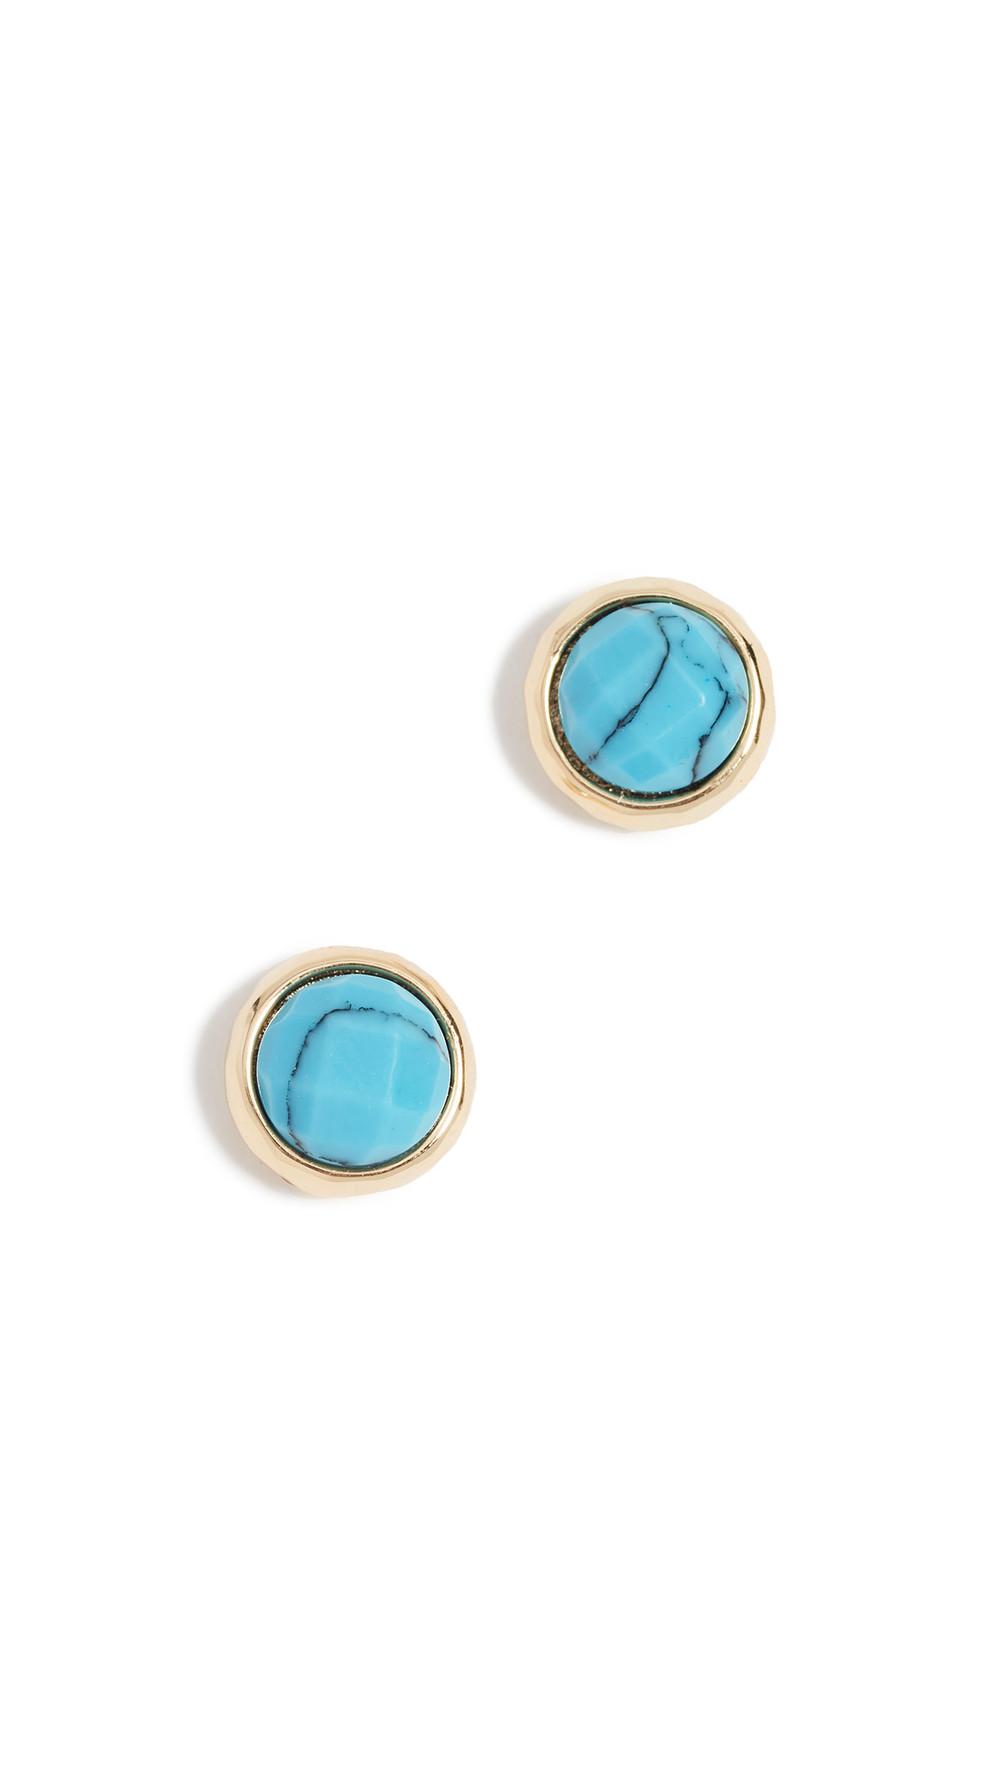 Gorjana Power Gemstone Stud Earrings in turquoise / gold